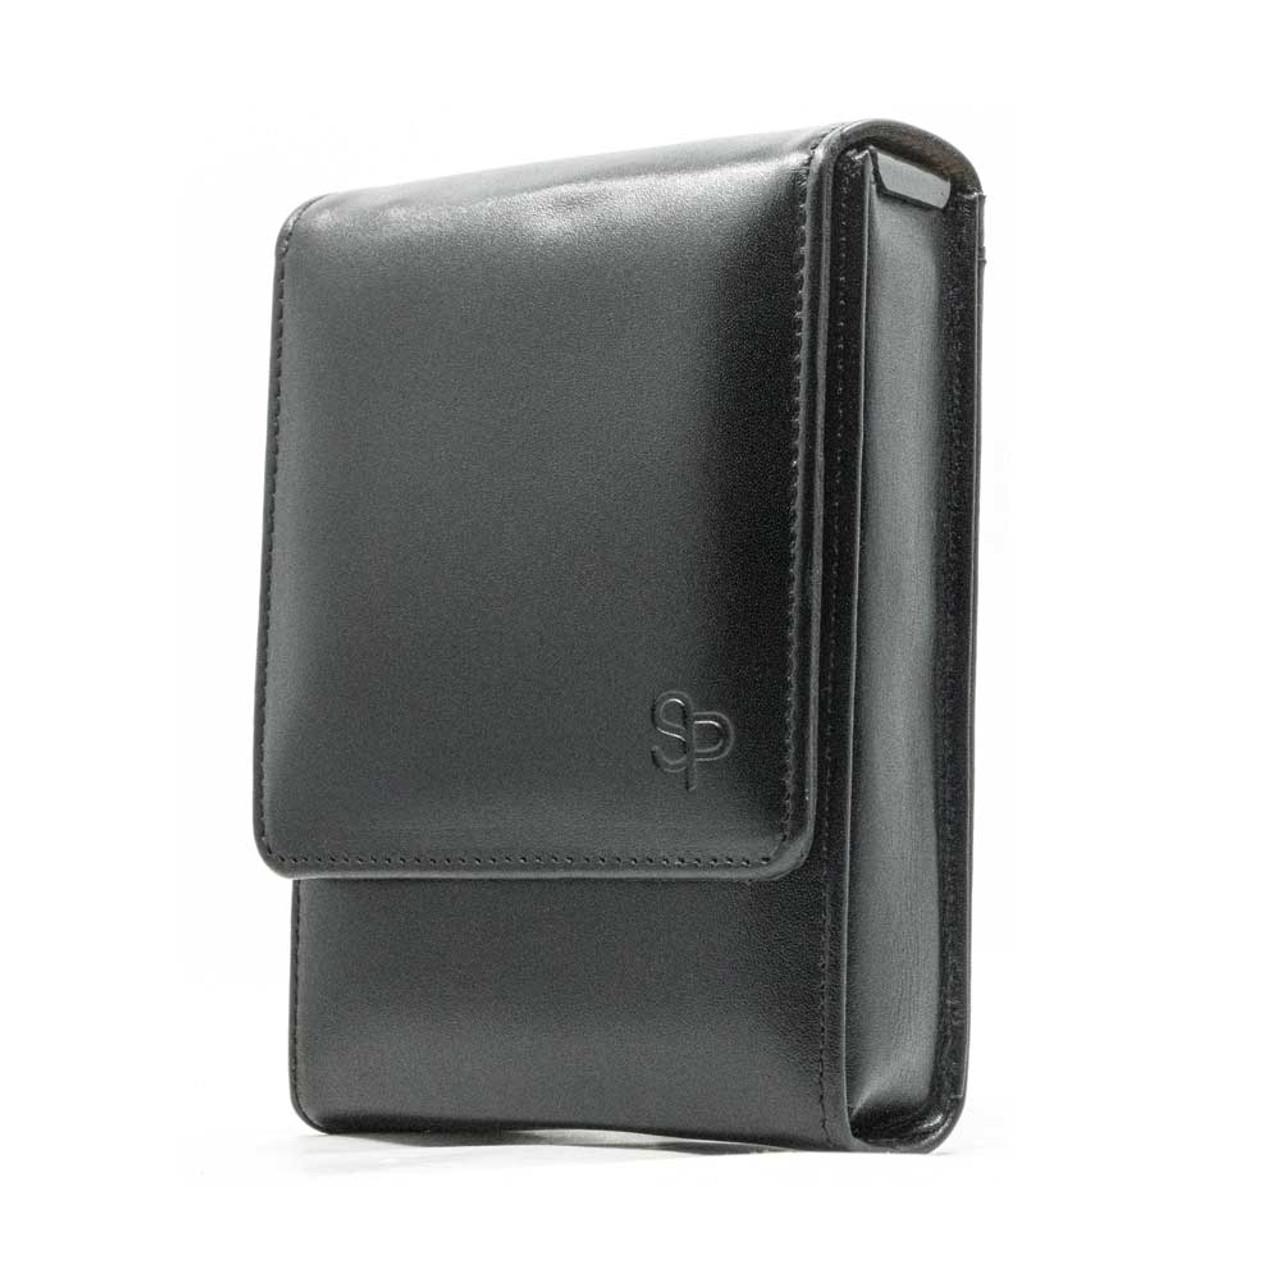 Kimber Evo Black Leather Holster